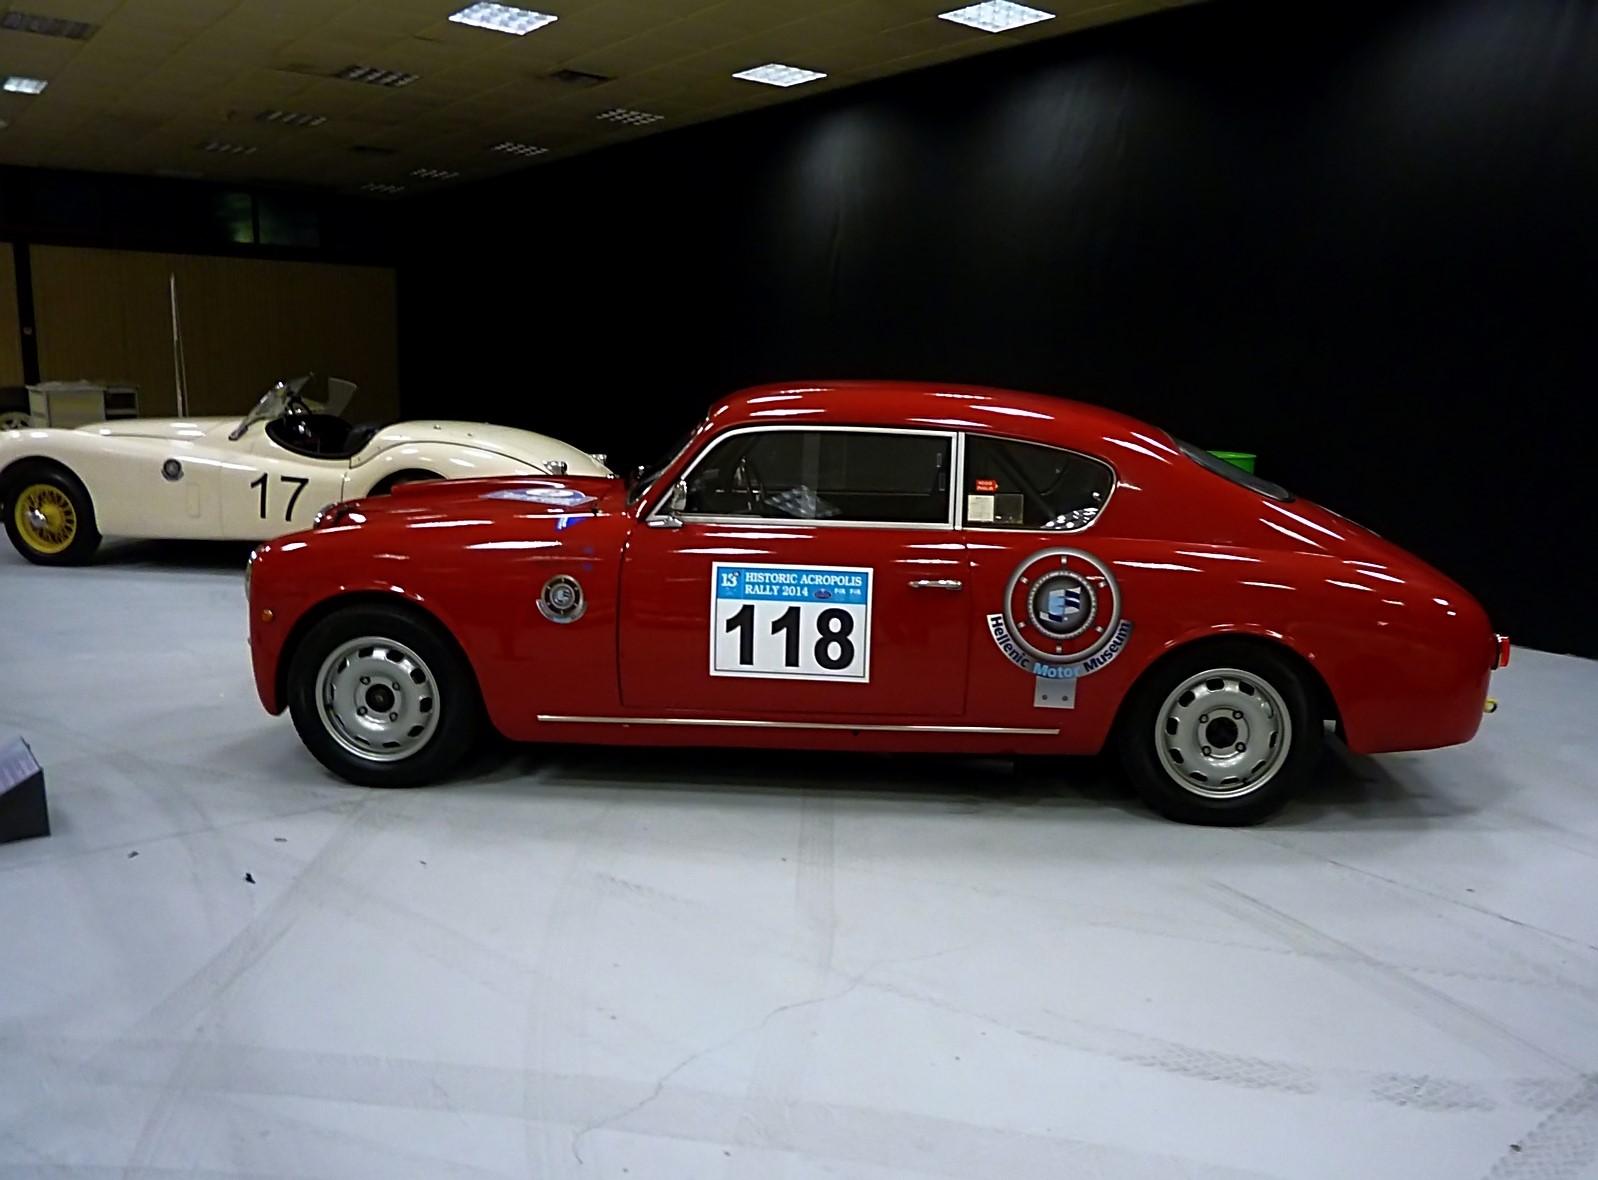 1953 Lancia Aurelia B24 ex L (26)